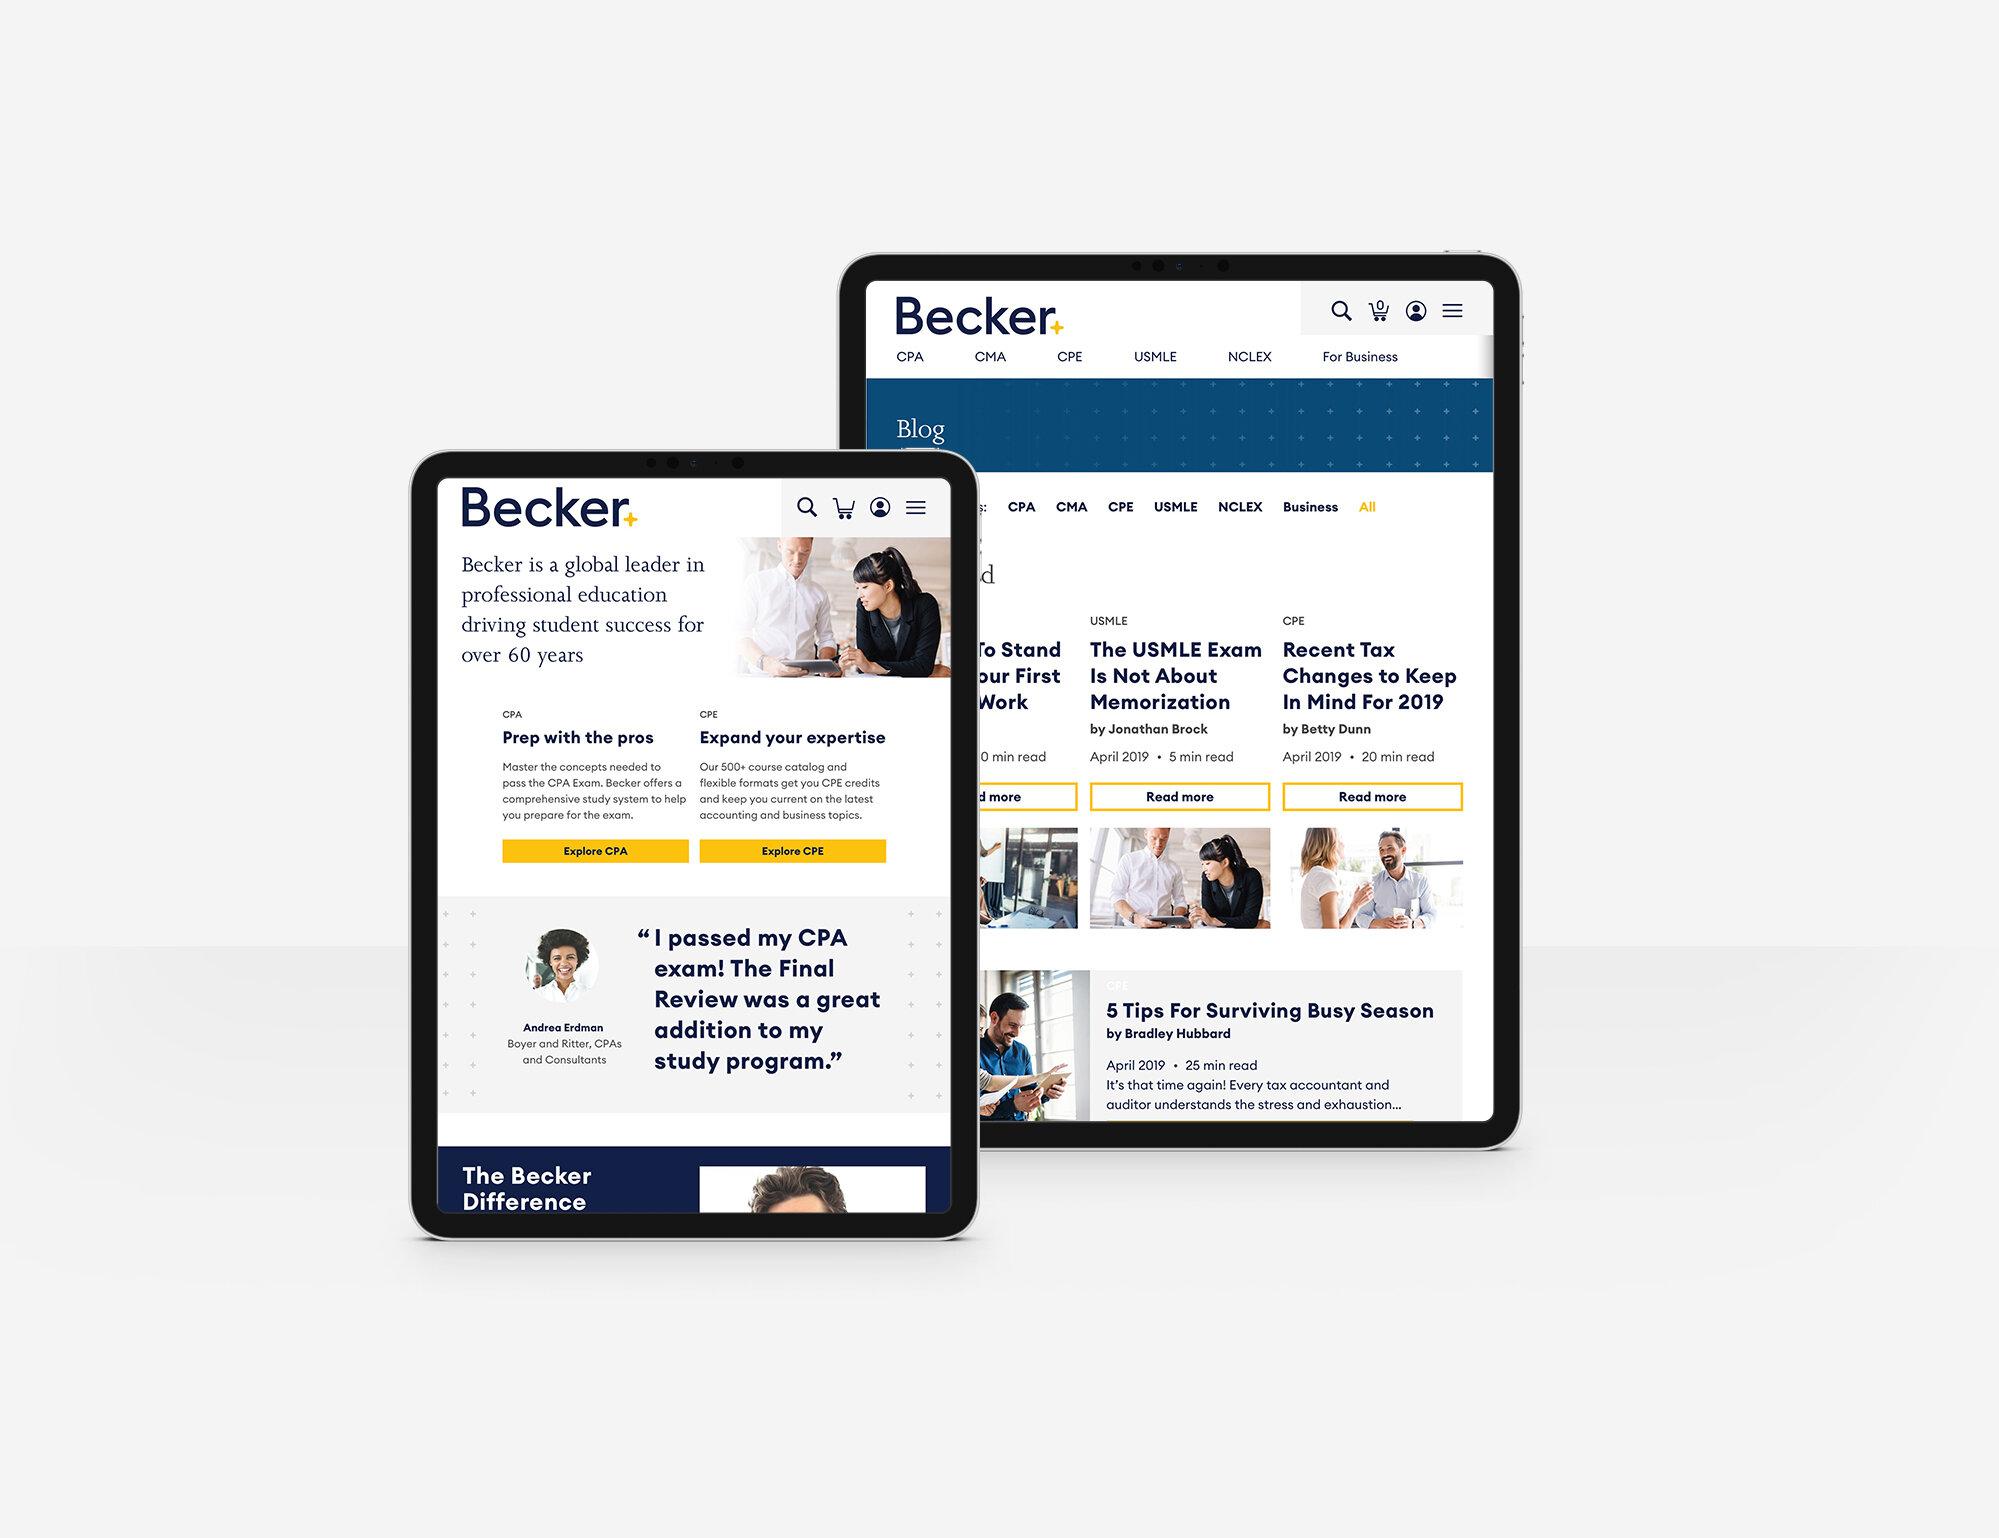 Becker_iPad-Pro-Mockup_KB@2x.jpg